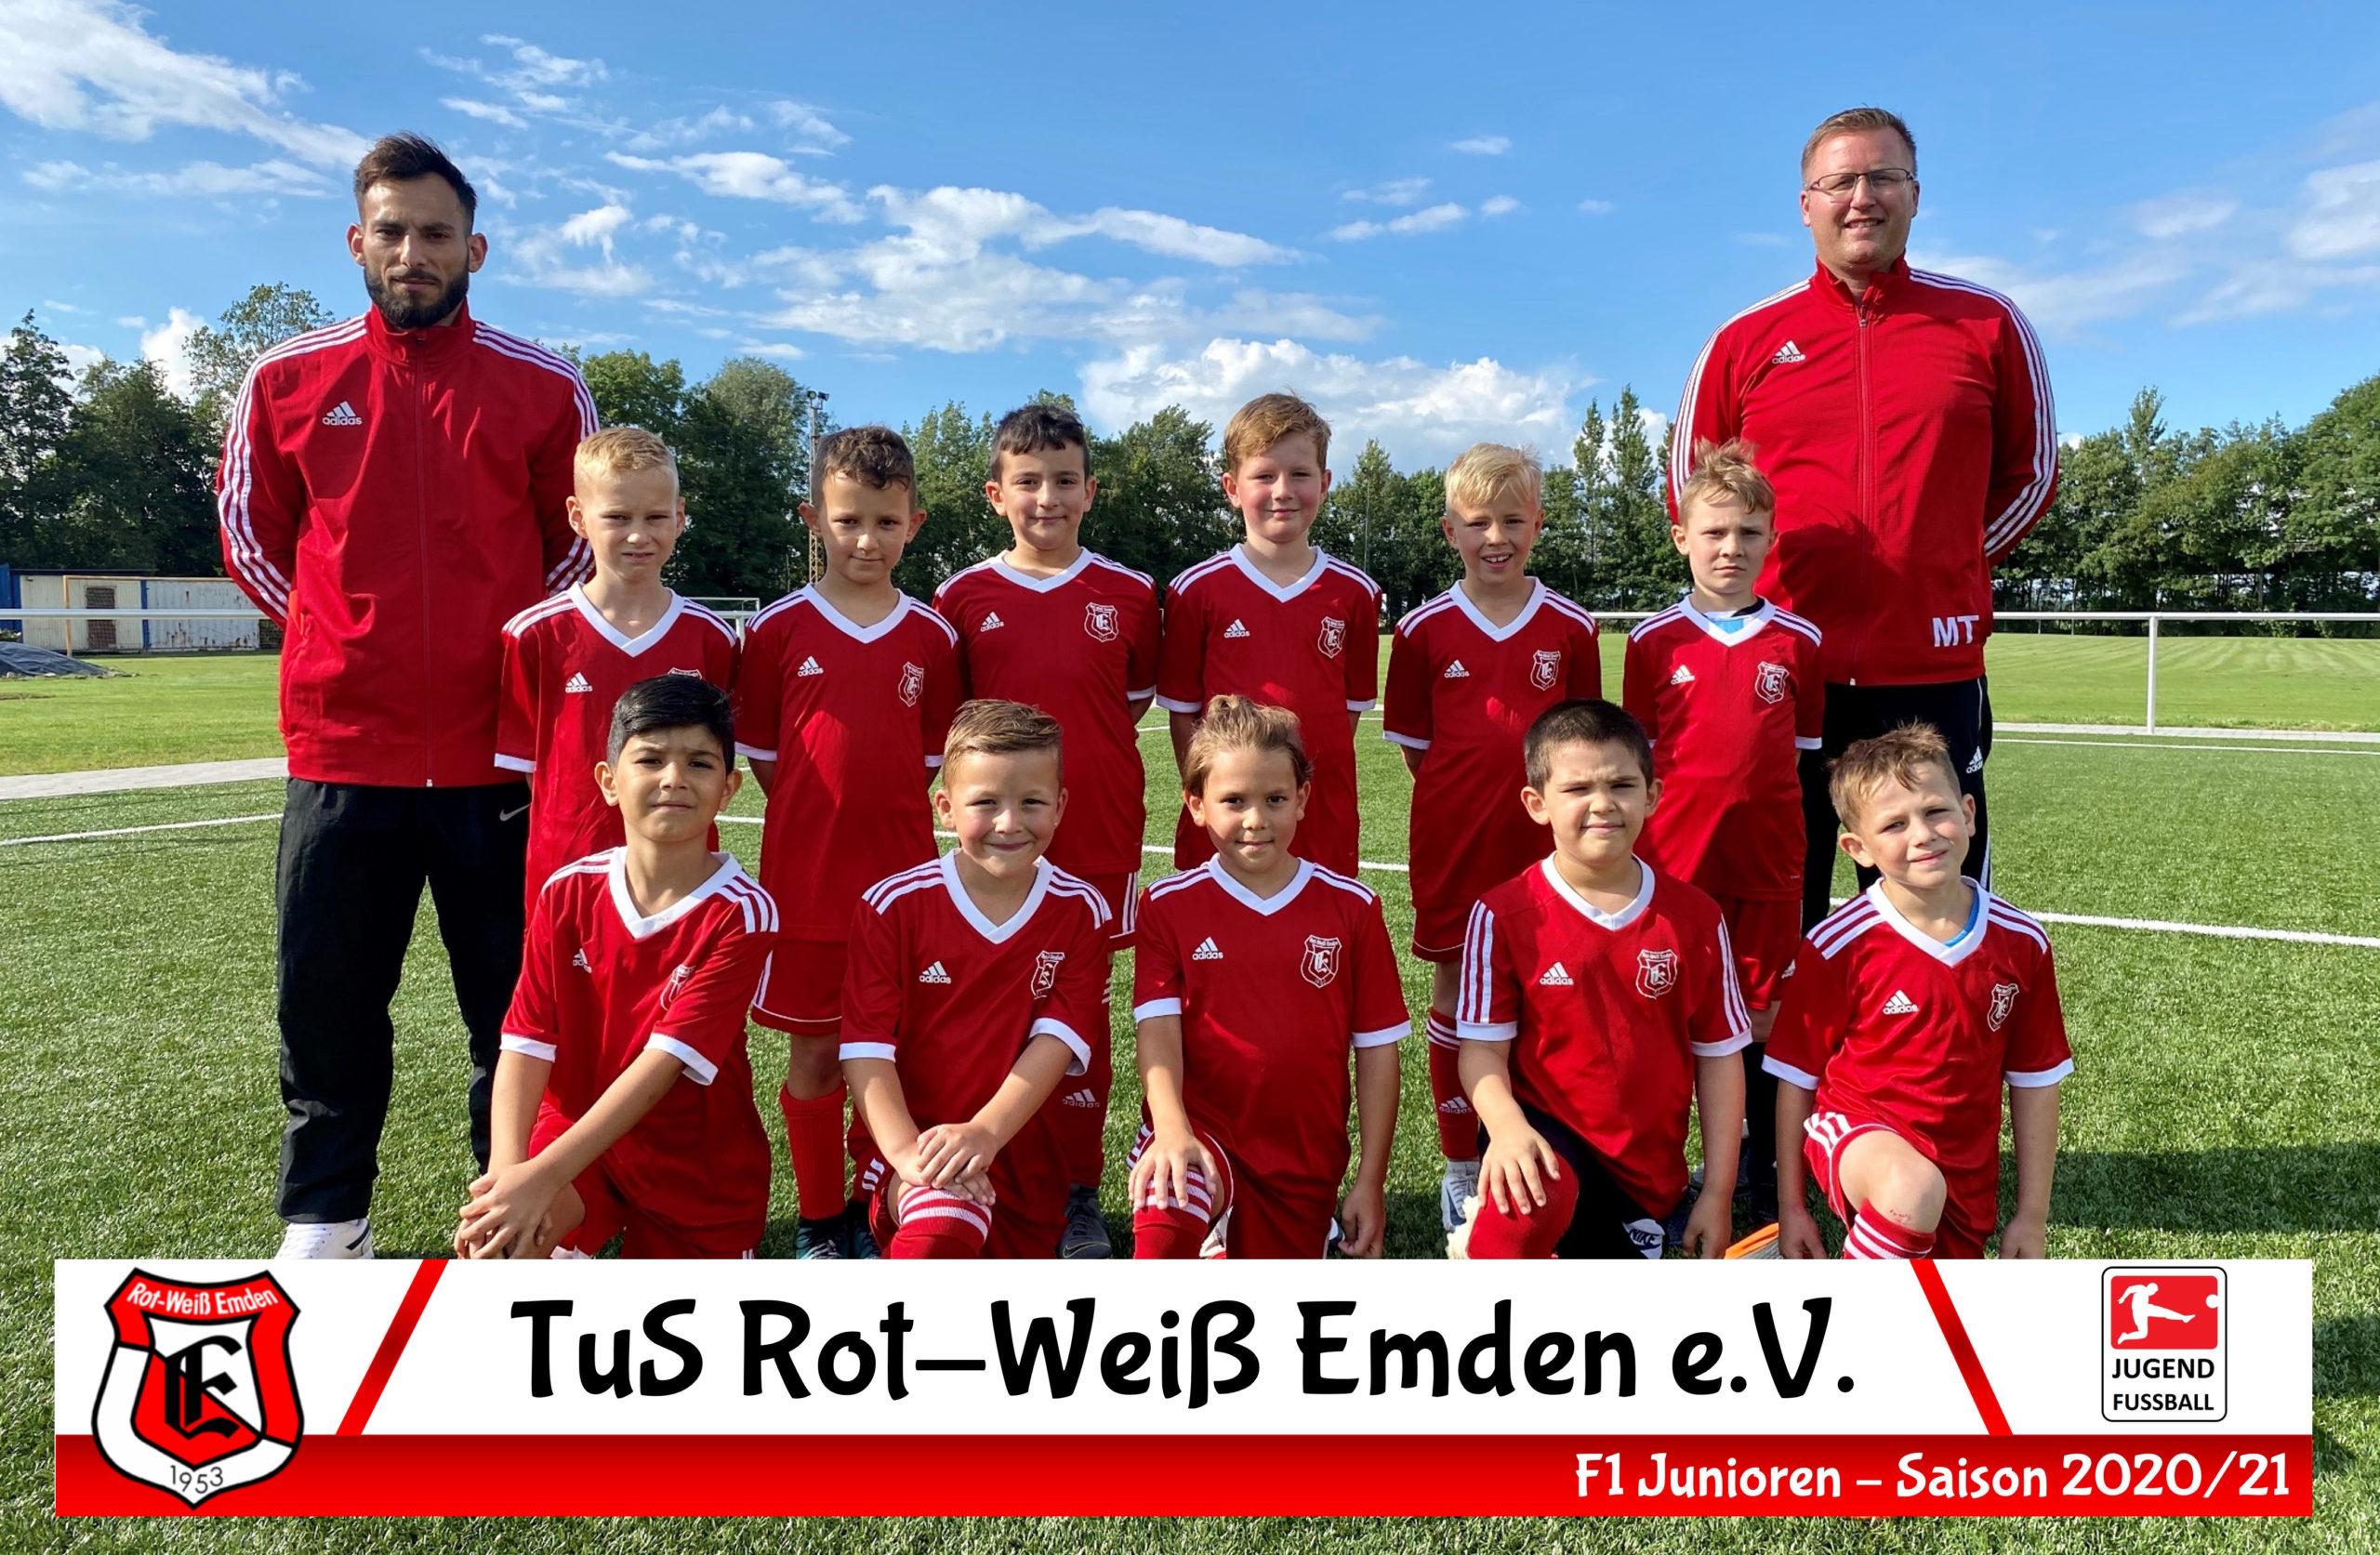 TuS Rot-Weiß Emden F1-Junioren Saison 20/21